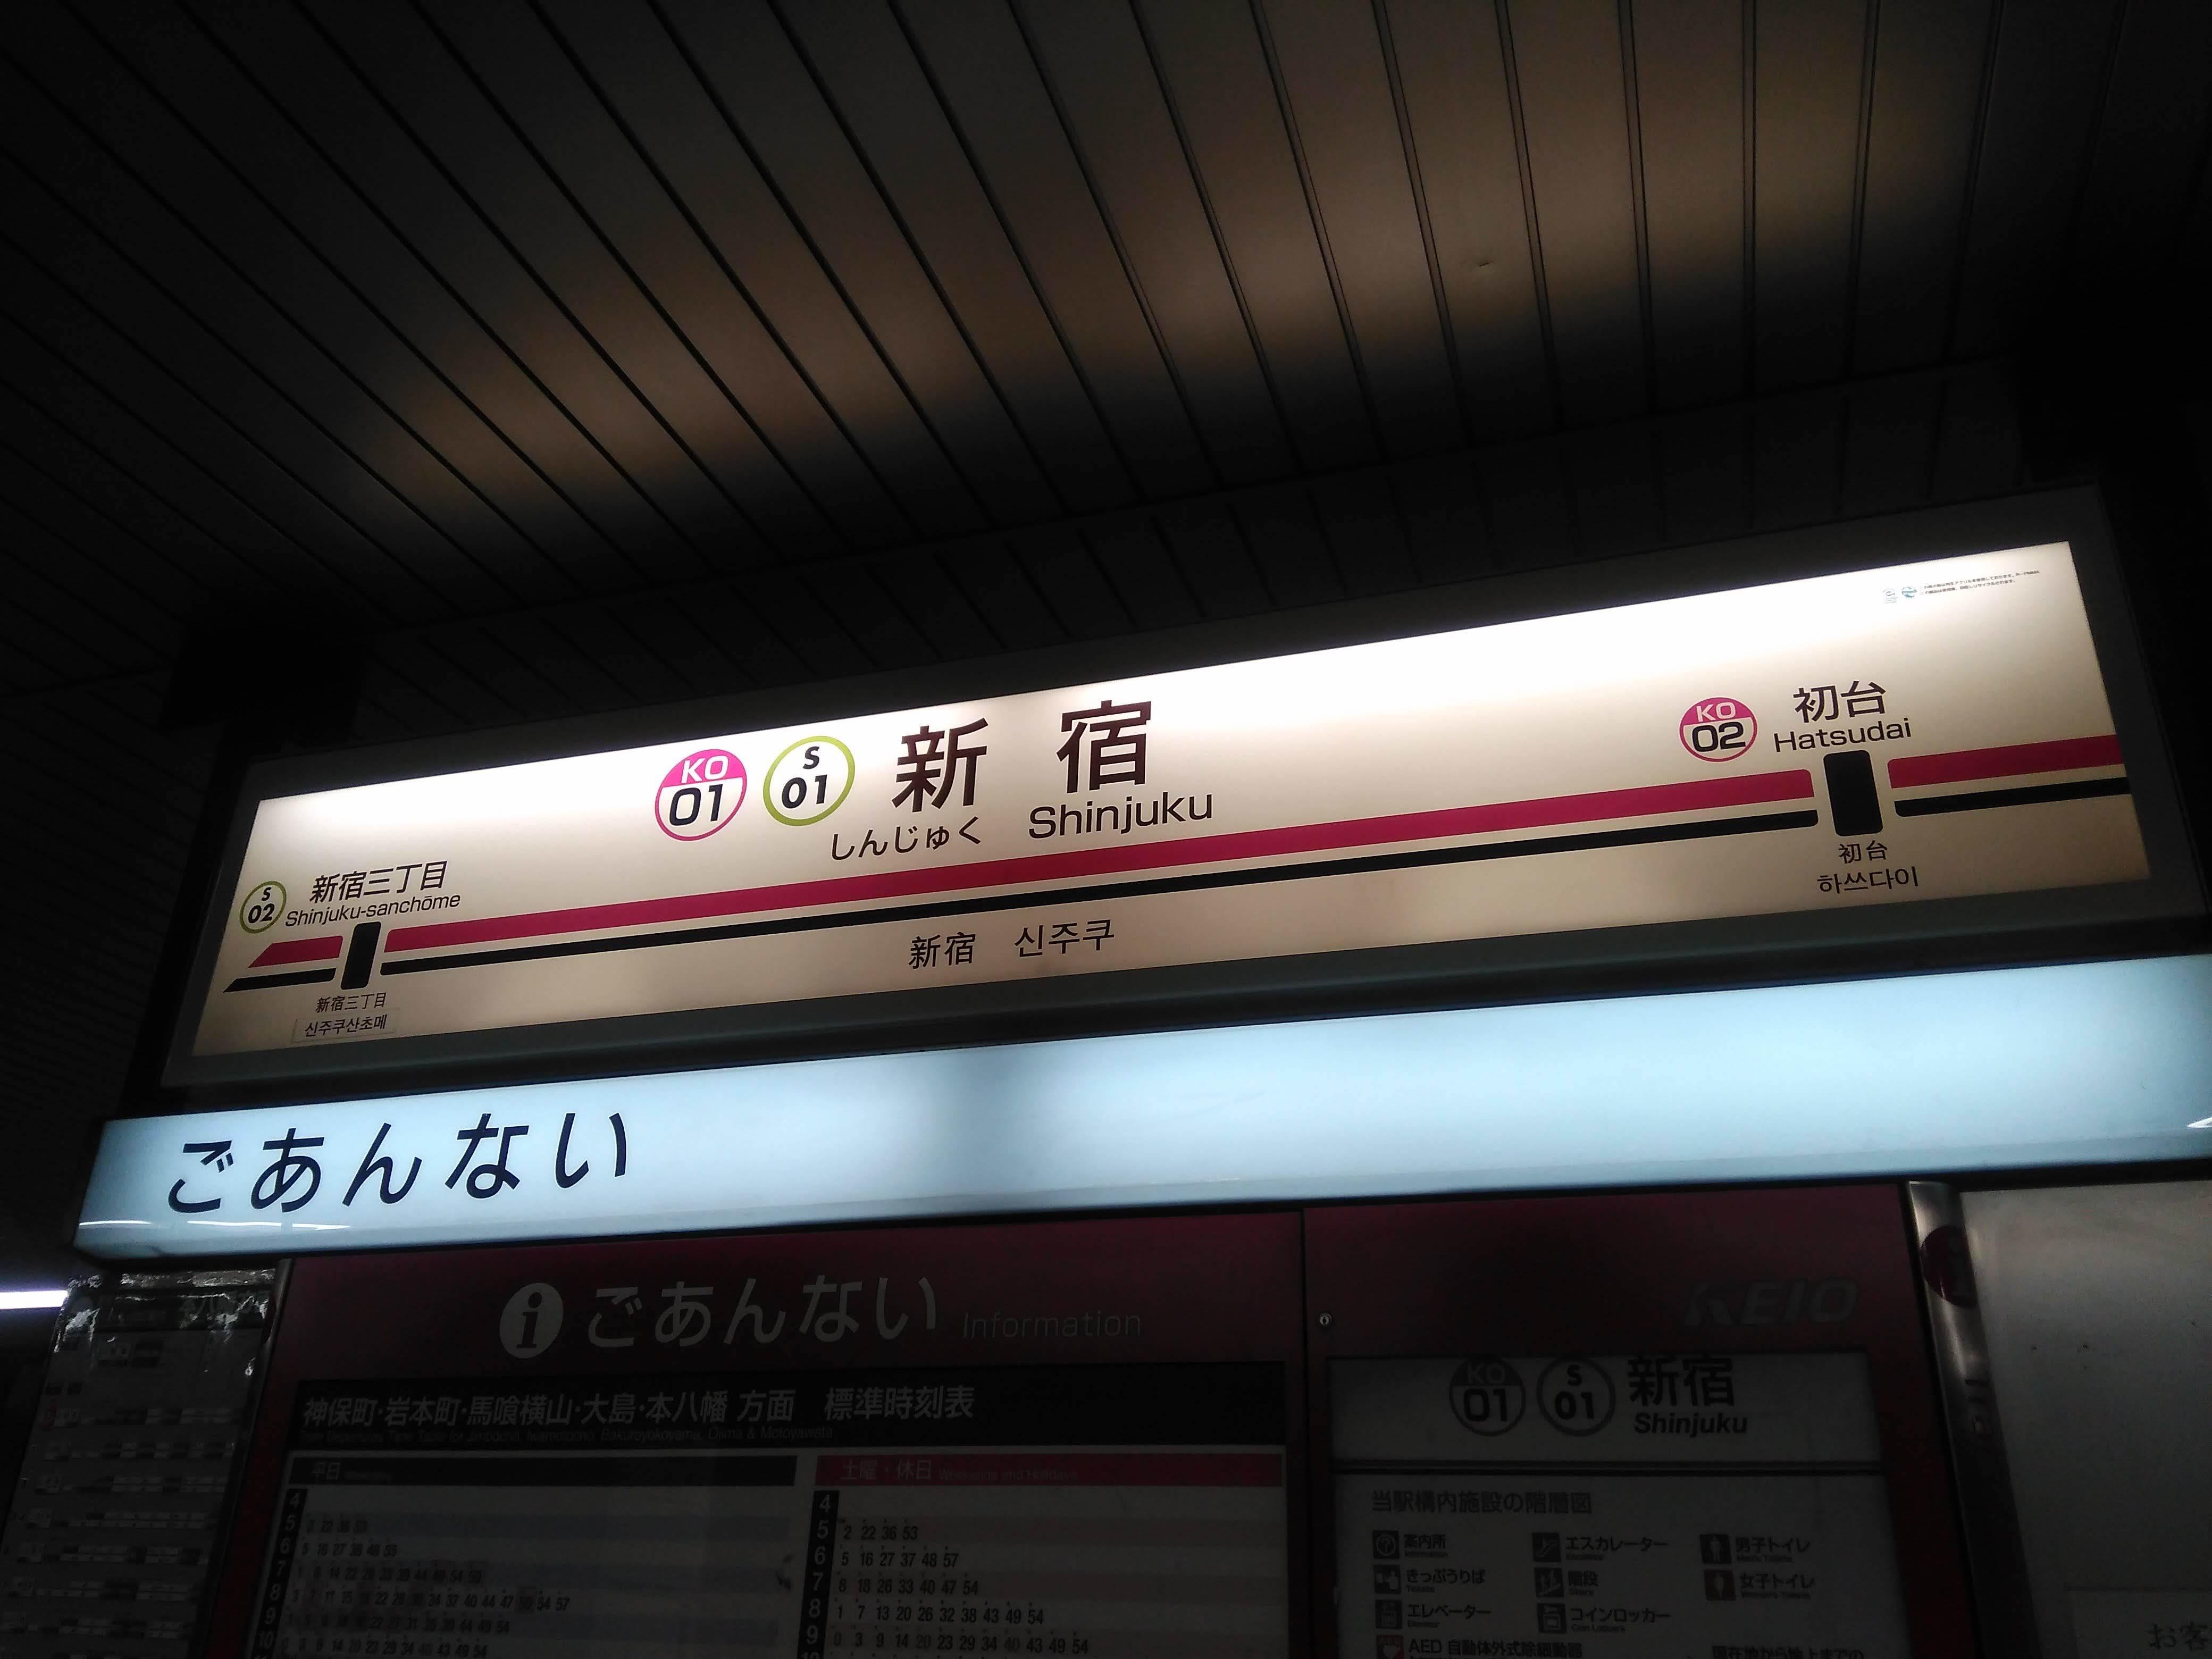 メトロ都営一日乗車券の旅ー2_a0329563_13052728.jpg